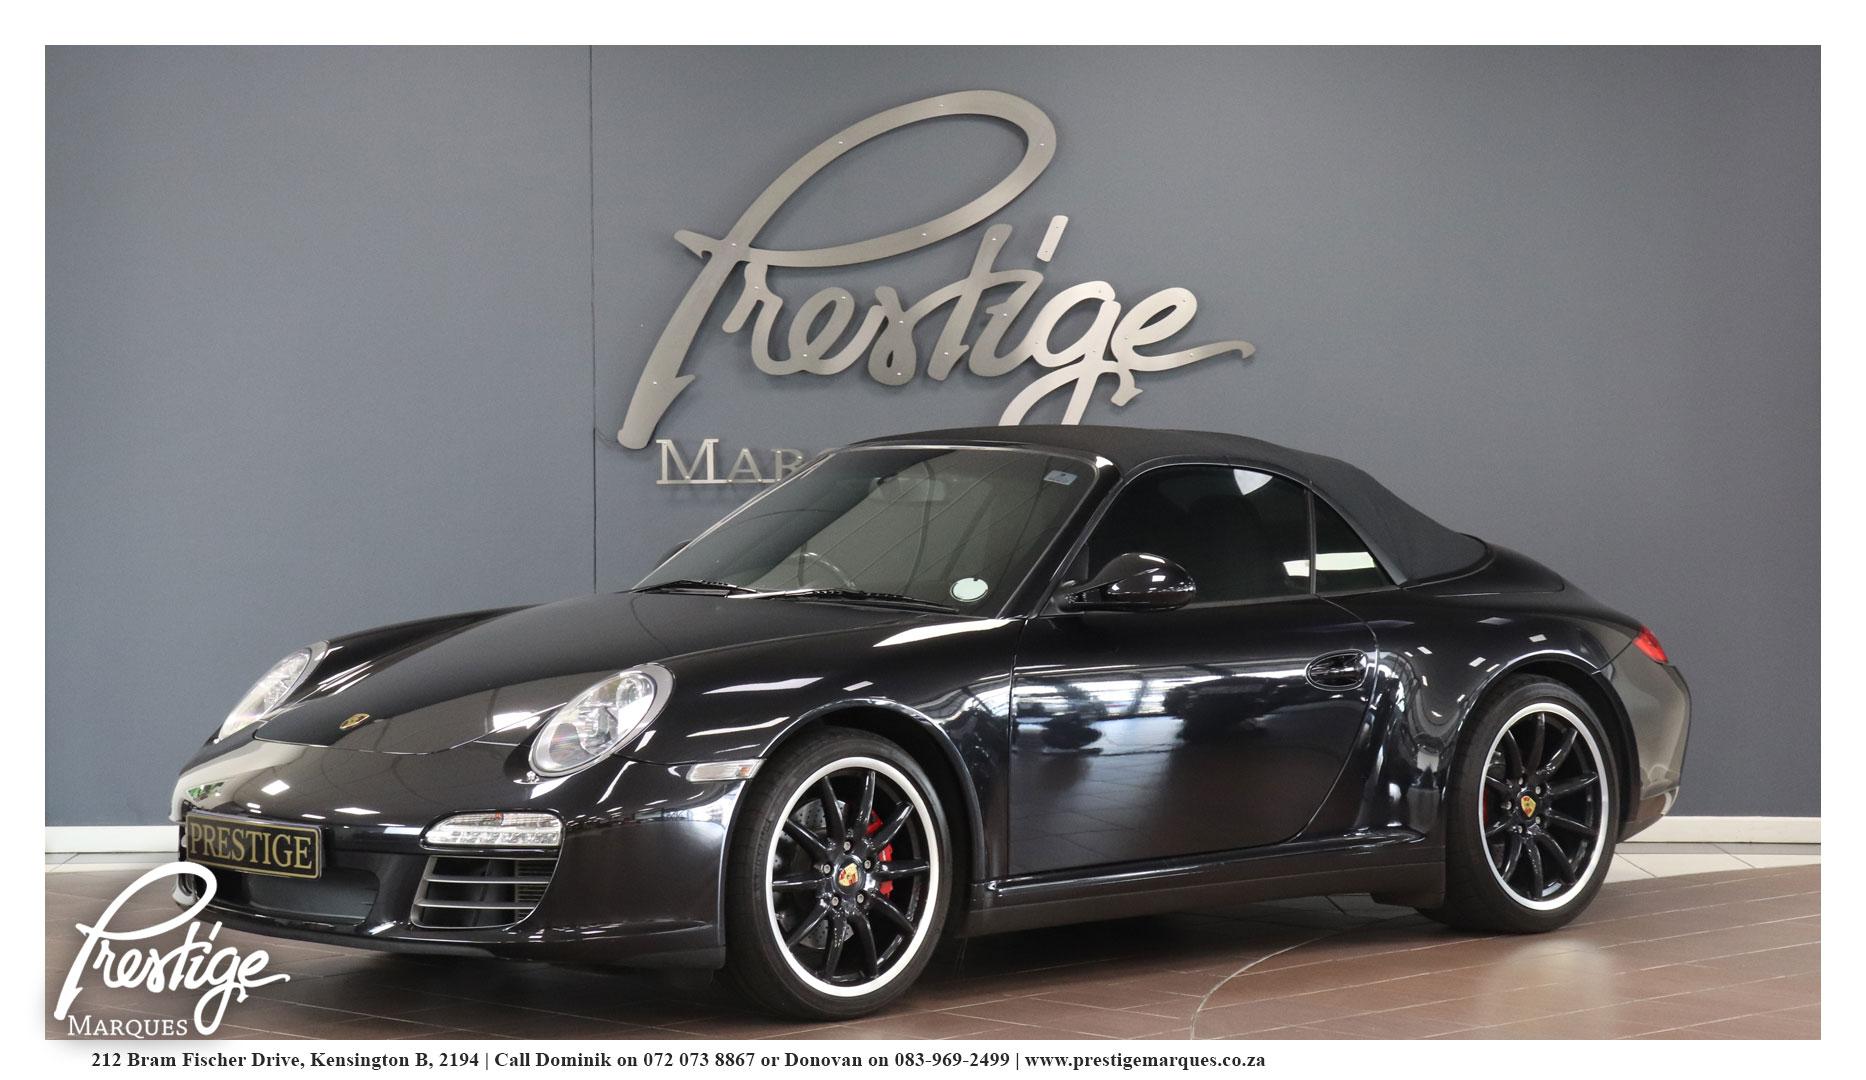 2009-Porsche-911- (997.2)-Carrera-4s-PDK Cabriolet-Prestige-Marques-Randburg-Sandton-14